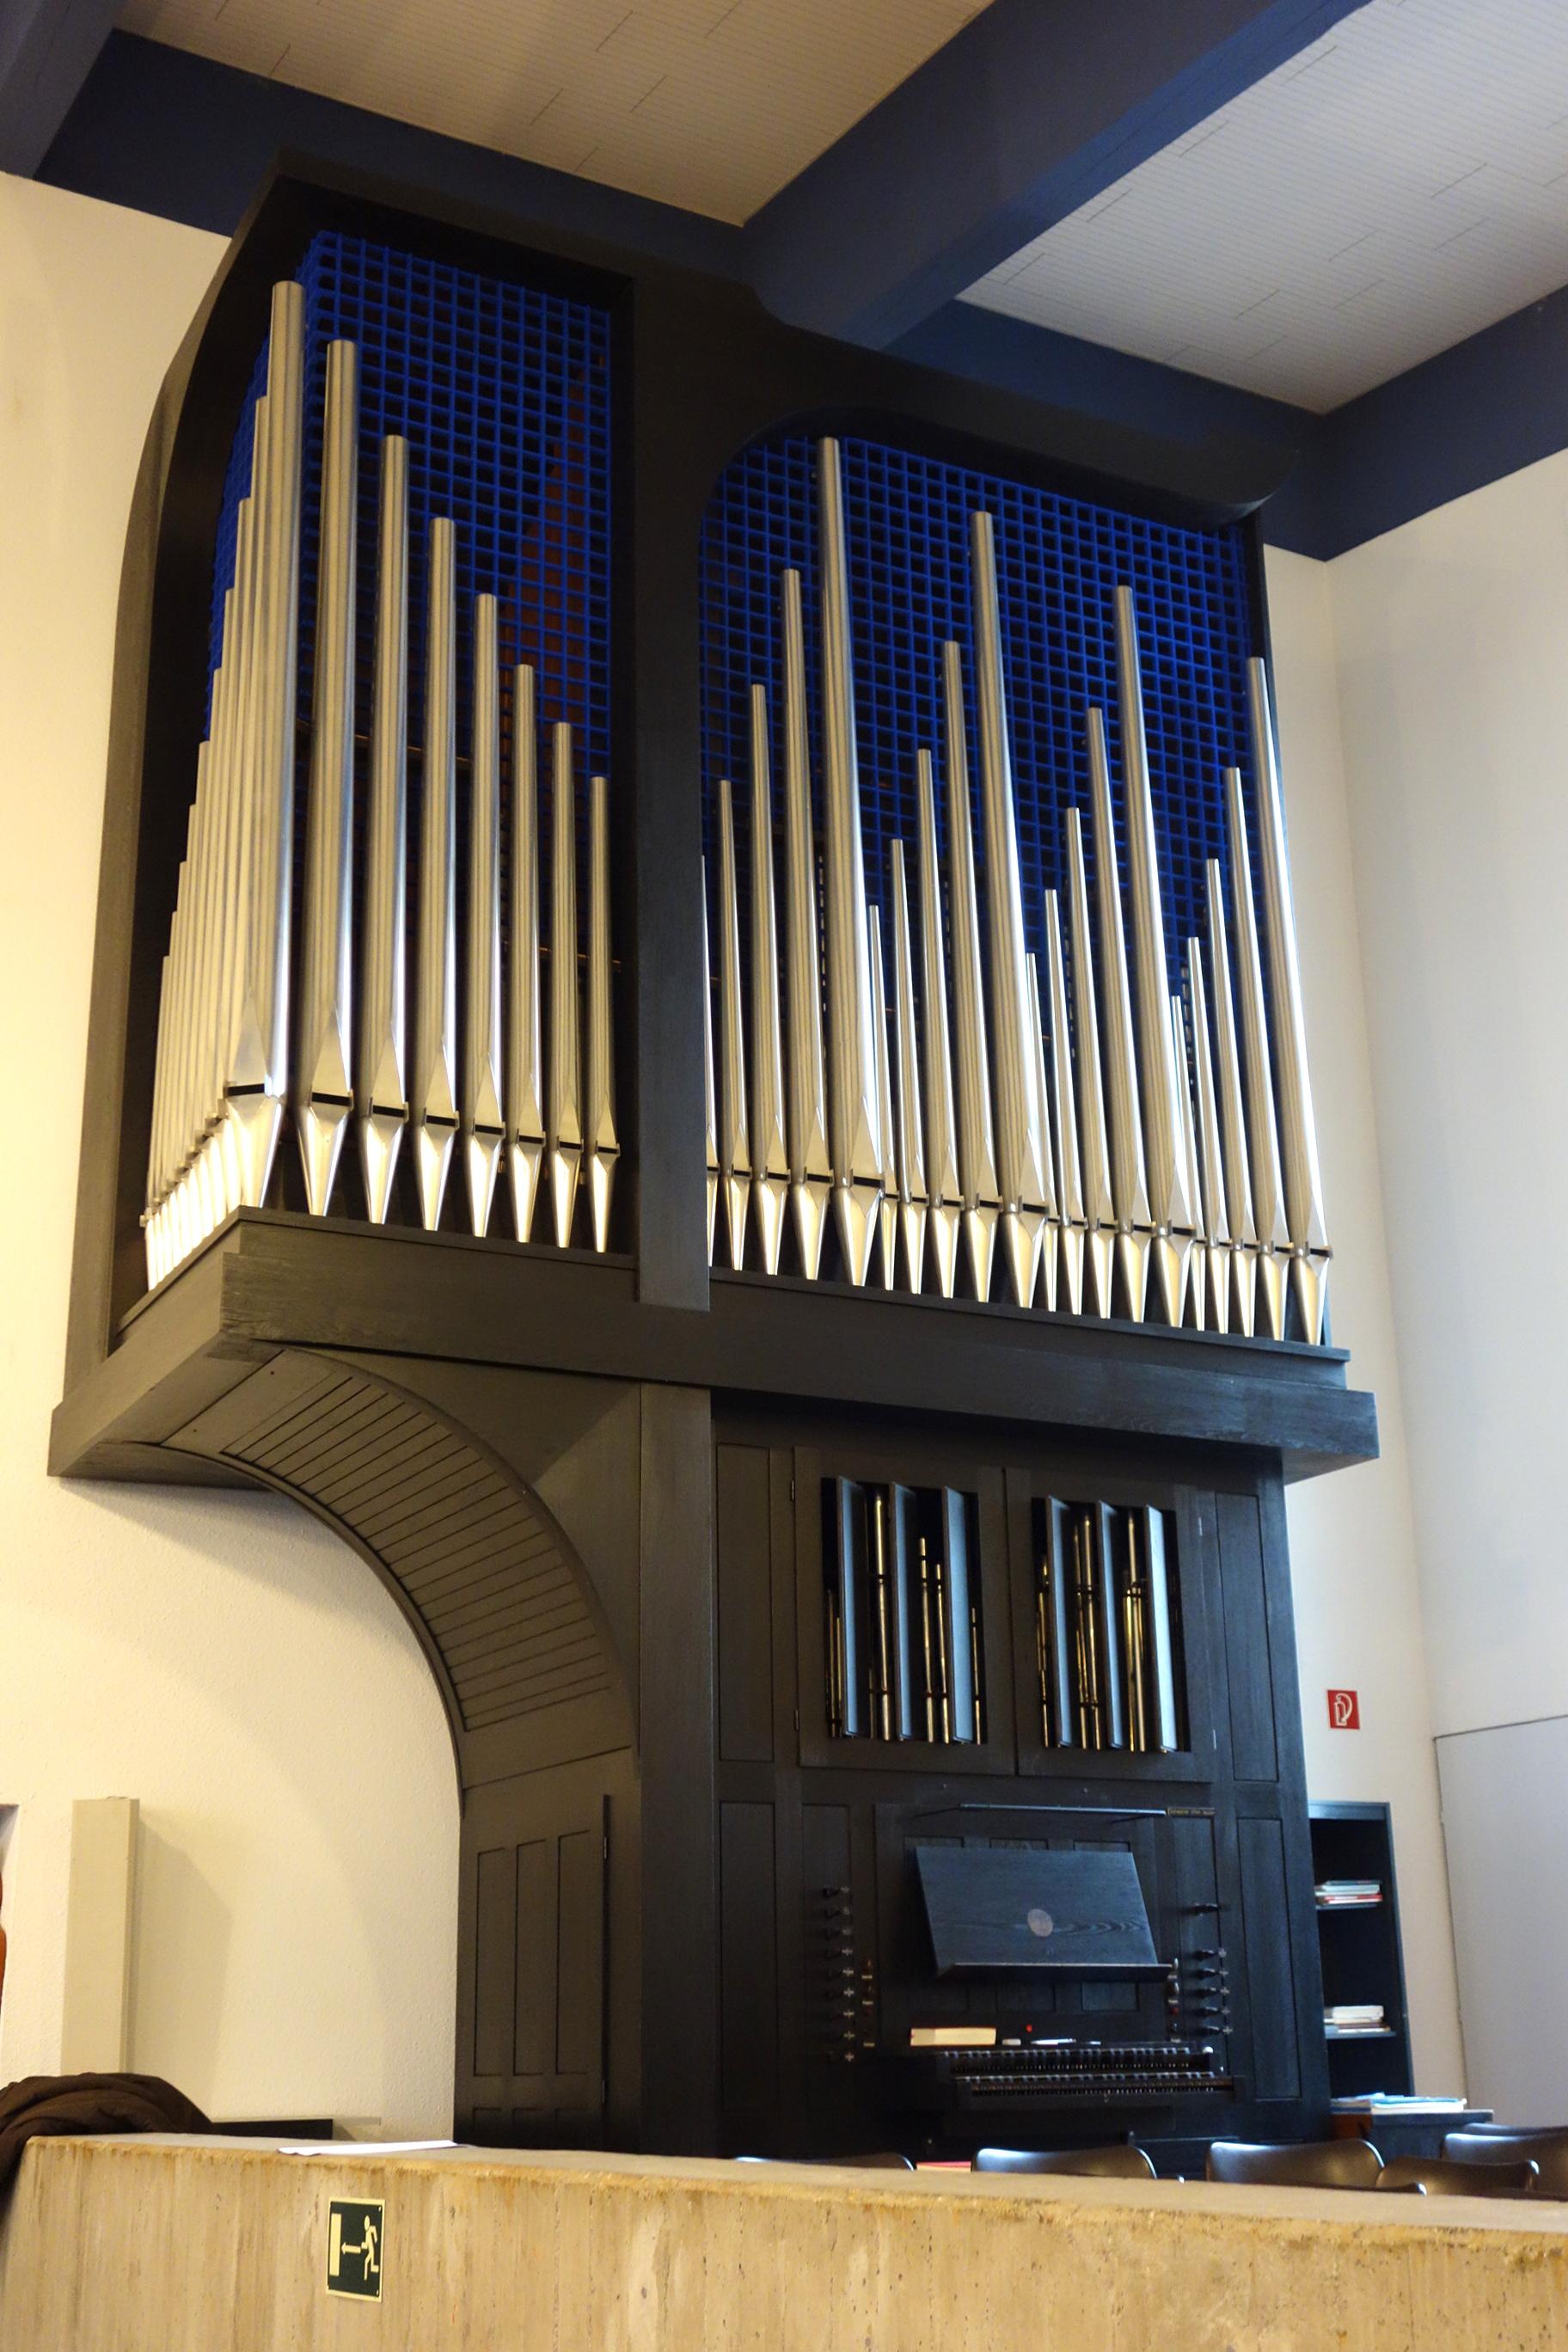 DateiLübeck Kreuzkirche Orgel 21.jpg – Wikipedia